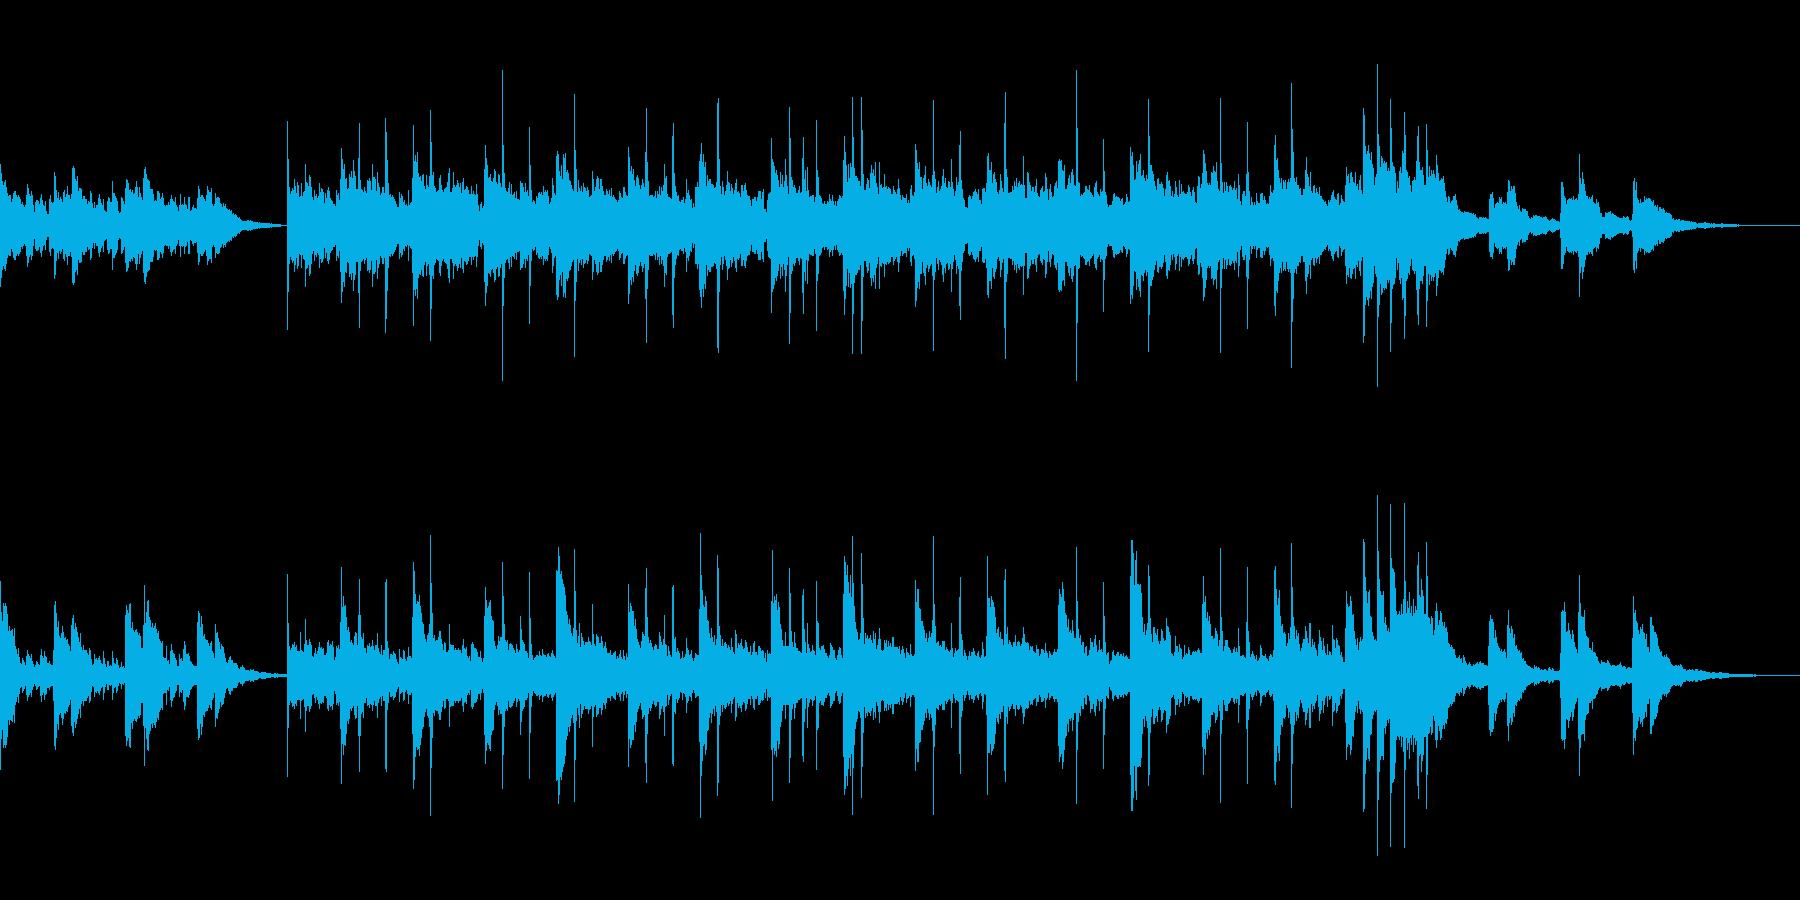 のびやかなピアノが主体のアンビエントの再生済みの波形